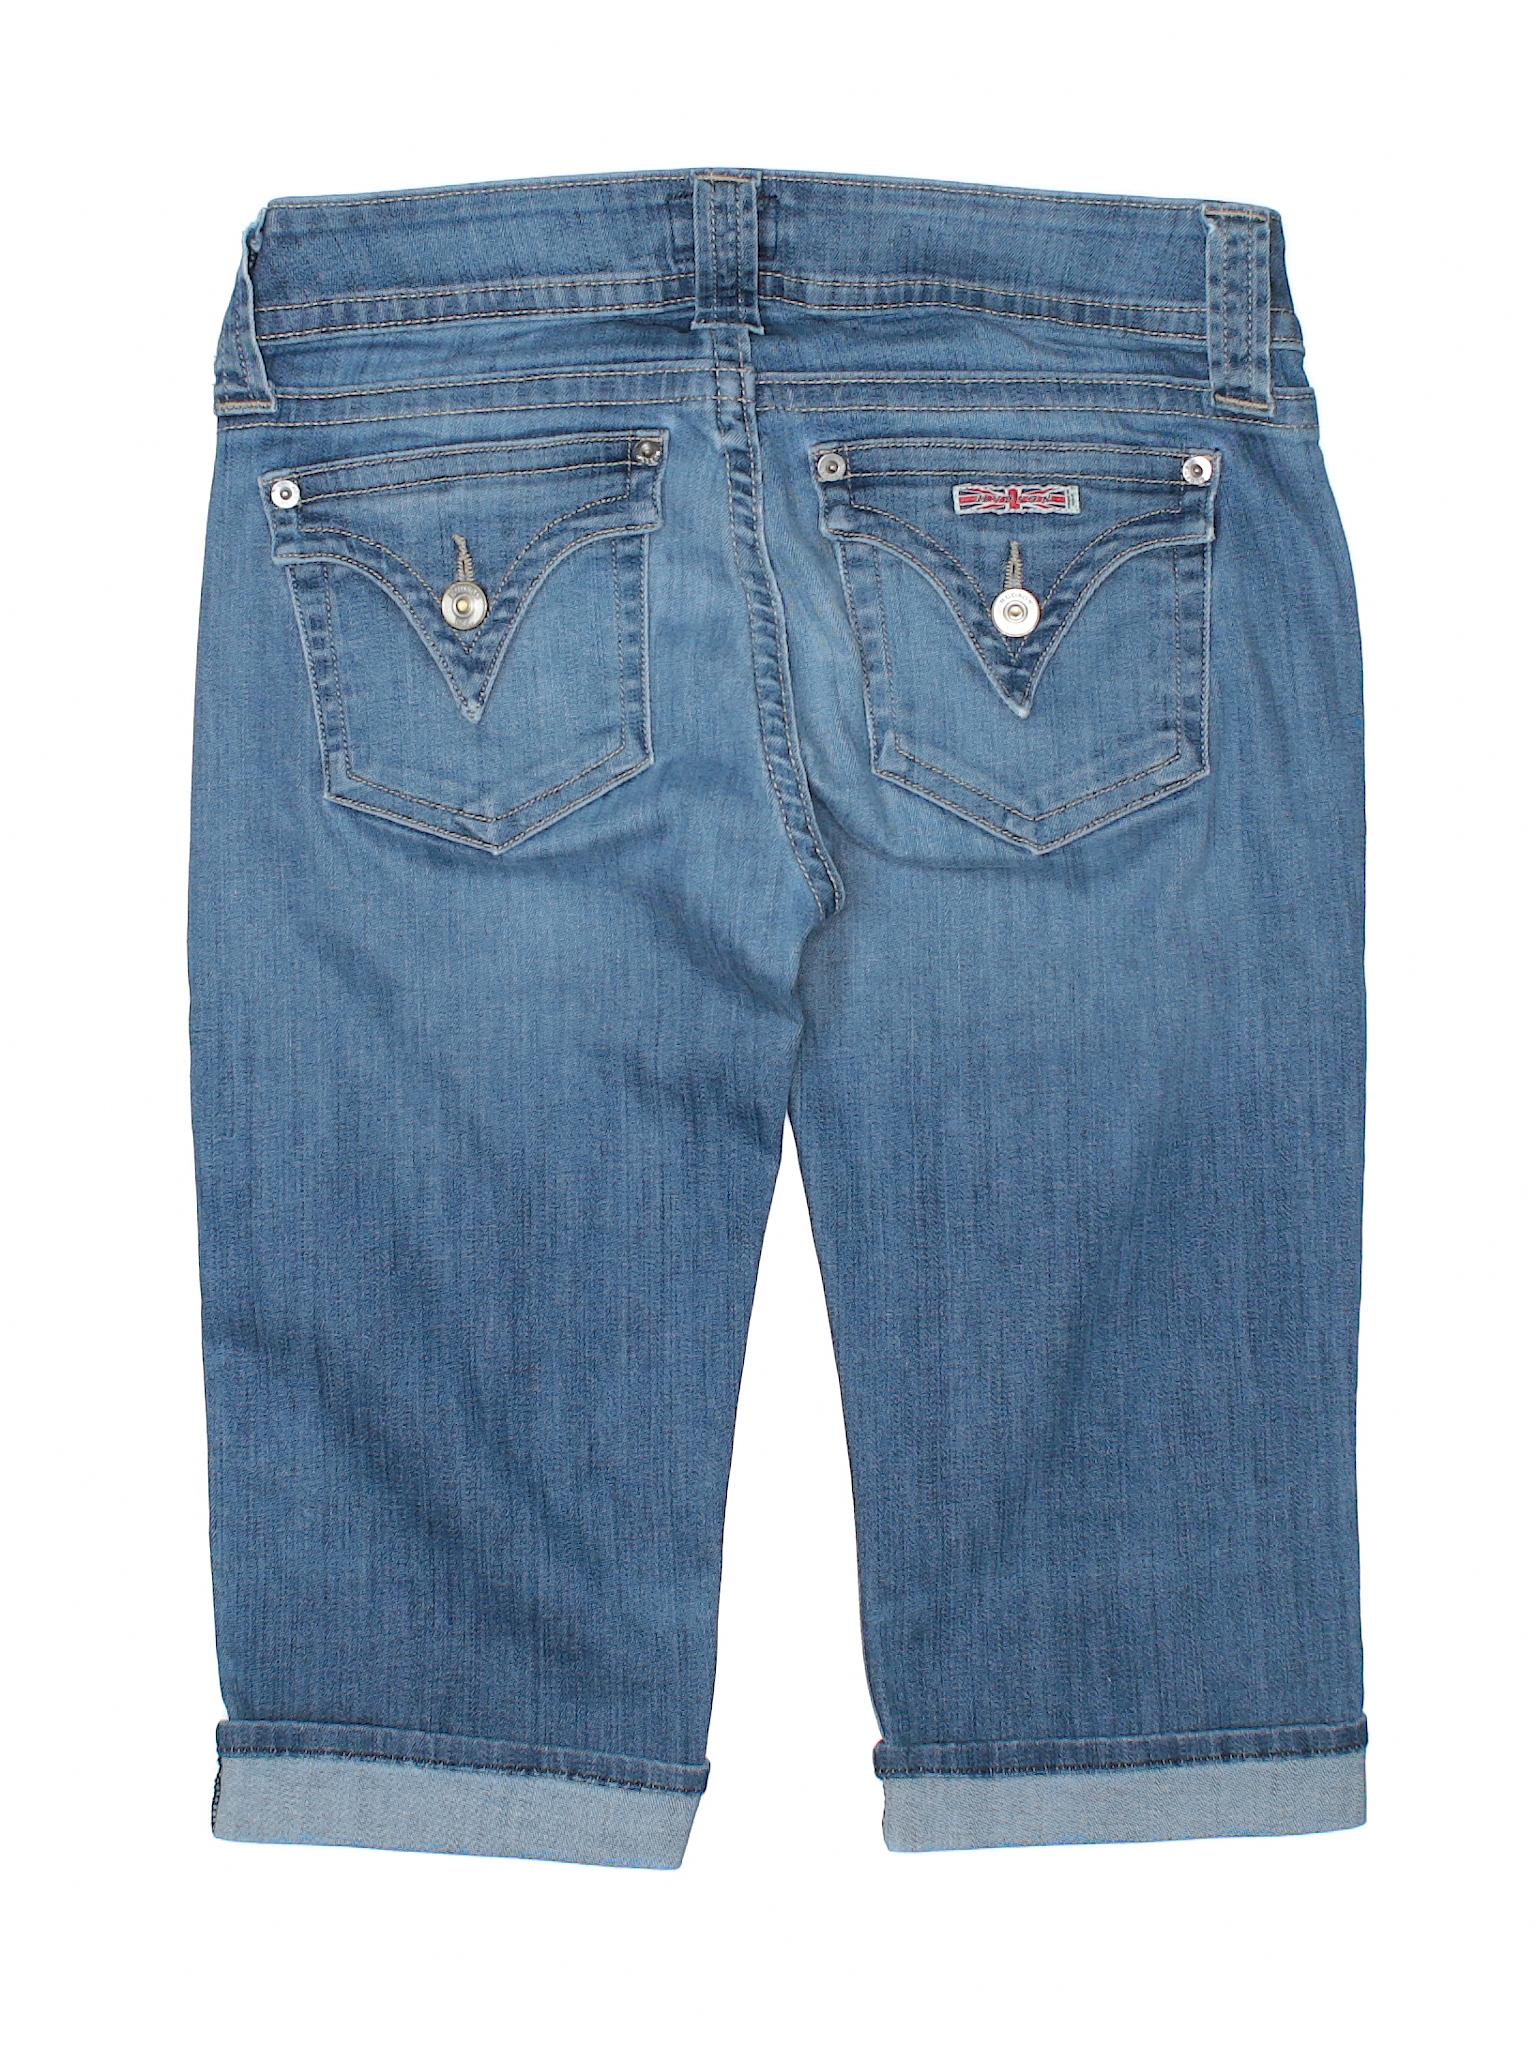 Denim Shorts Boutique Hudson Jeans Boutique Hudson Jeans Shorts Denim Boutique vEwdxd4q